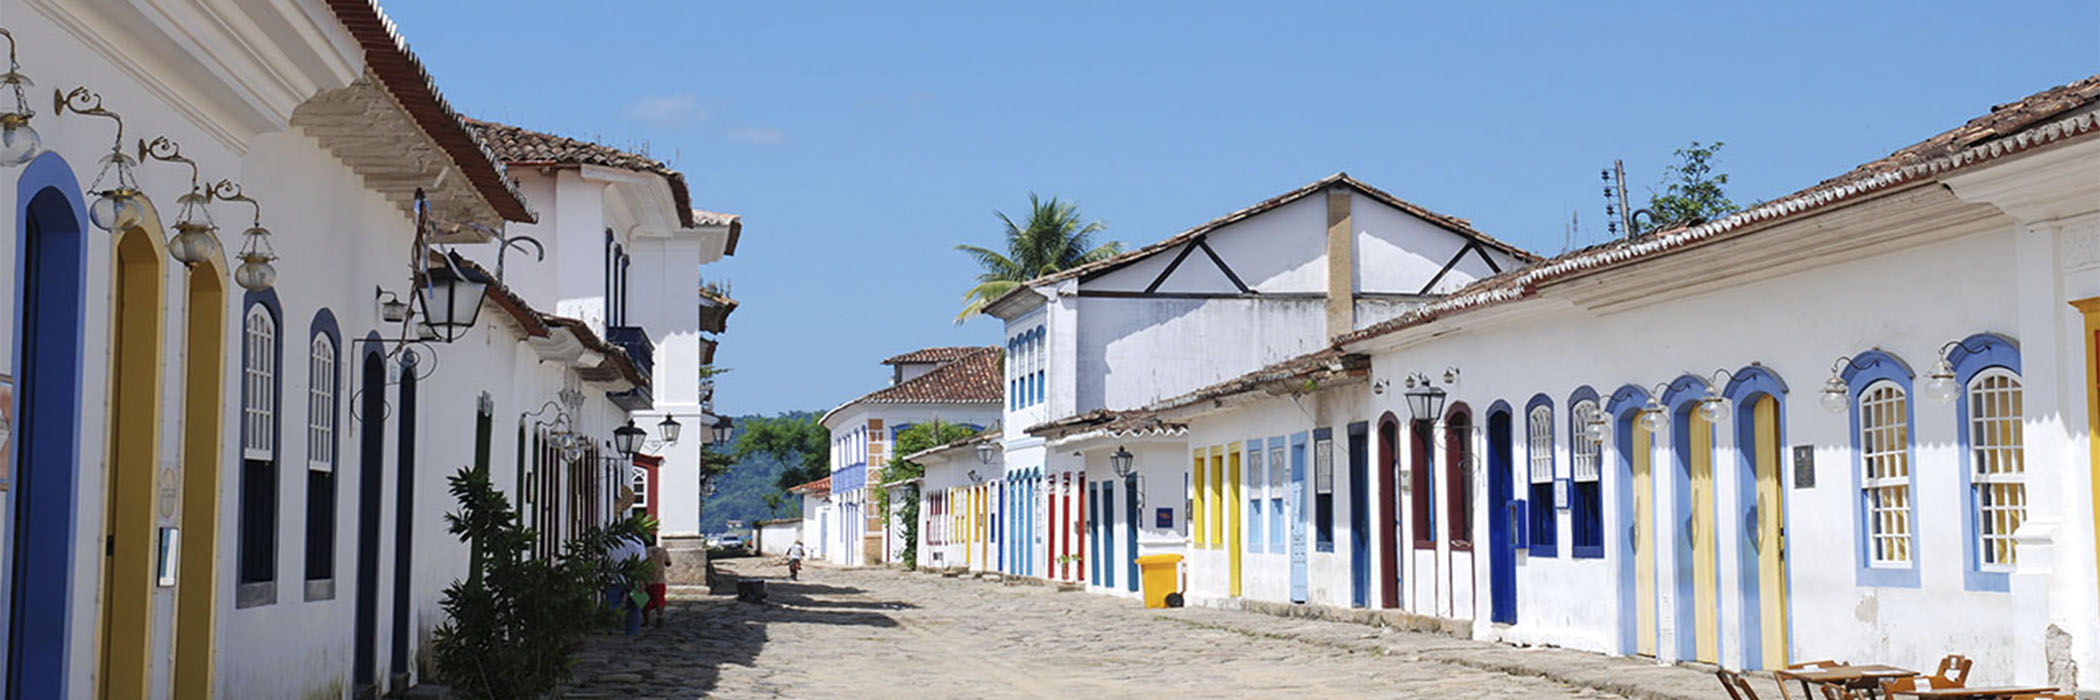 PARATY - LITORAL NORTE PAULISTA / RIO SANTOS